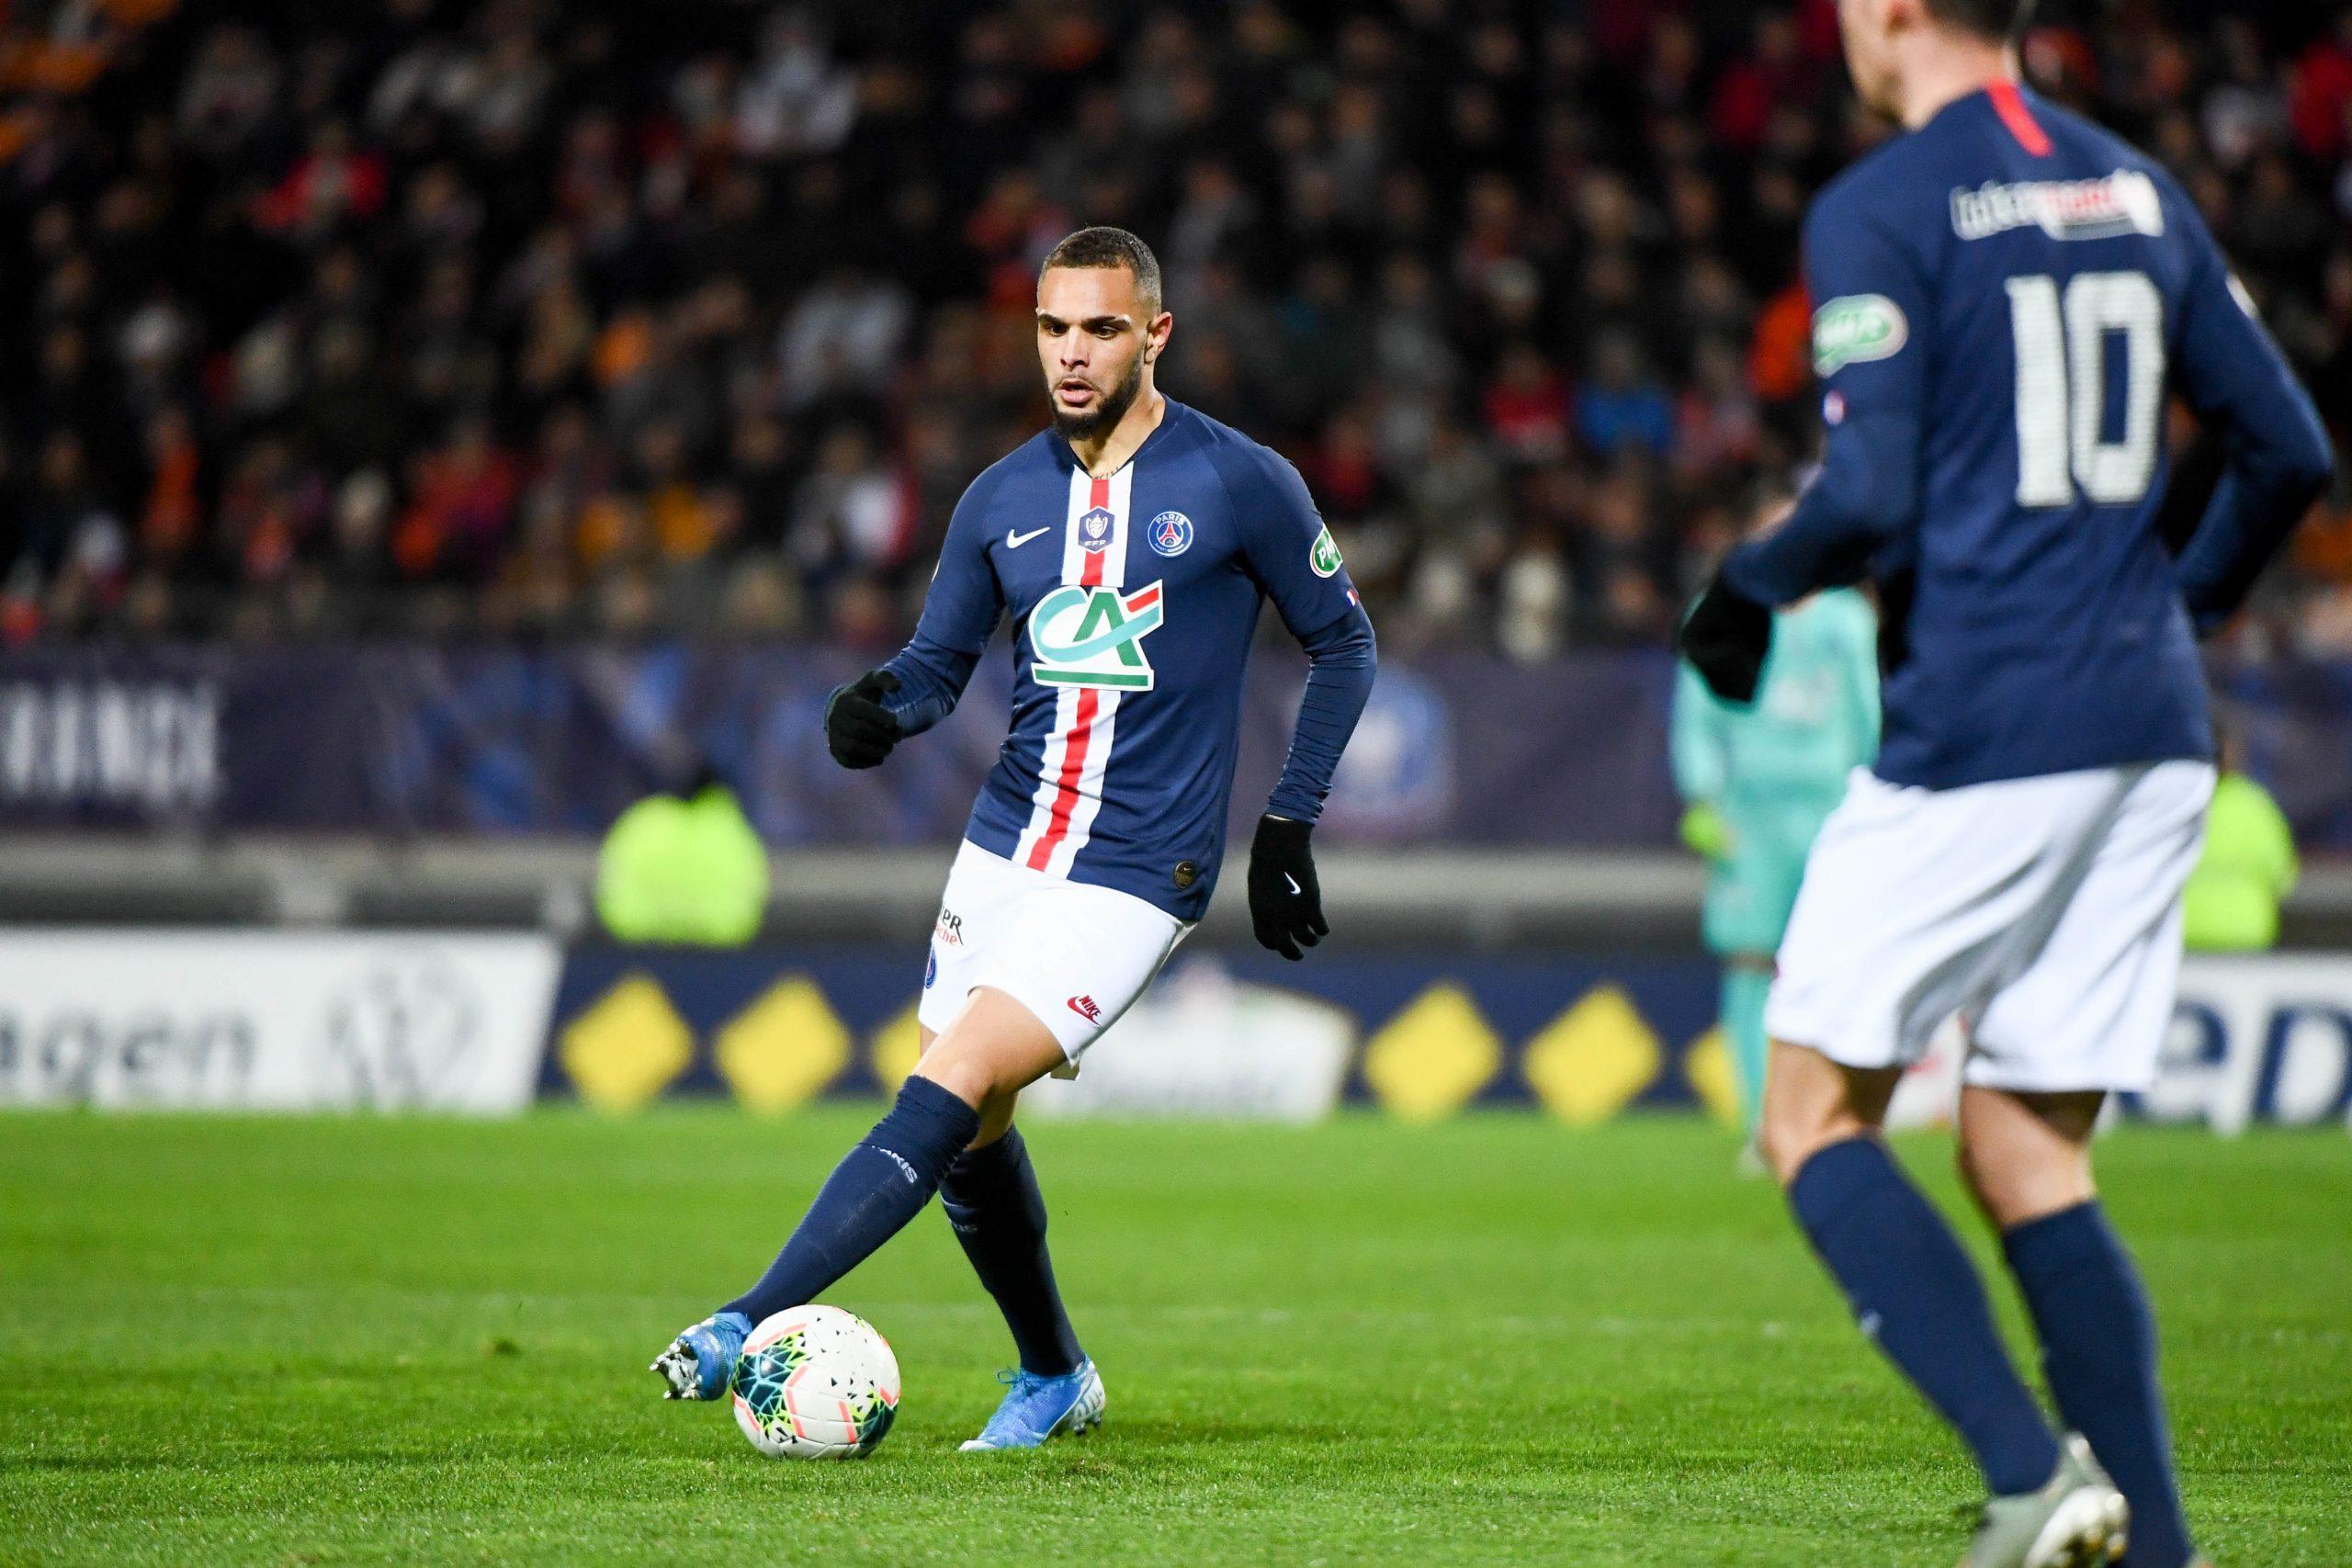 Mercato - Kurzawa d'accord pour rejoindre la Juventus Turin, il ne manque plus que l'accord De Sciglio selon Téléfoot